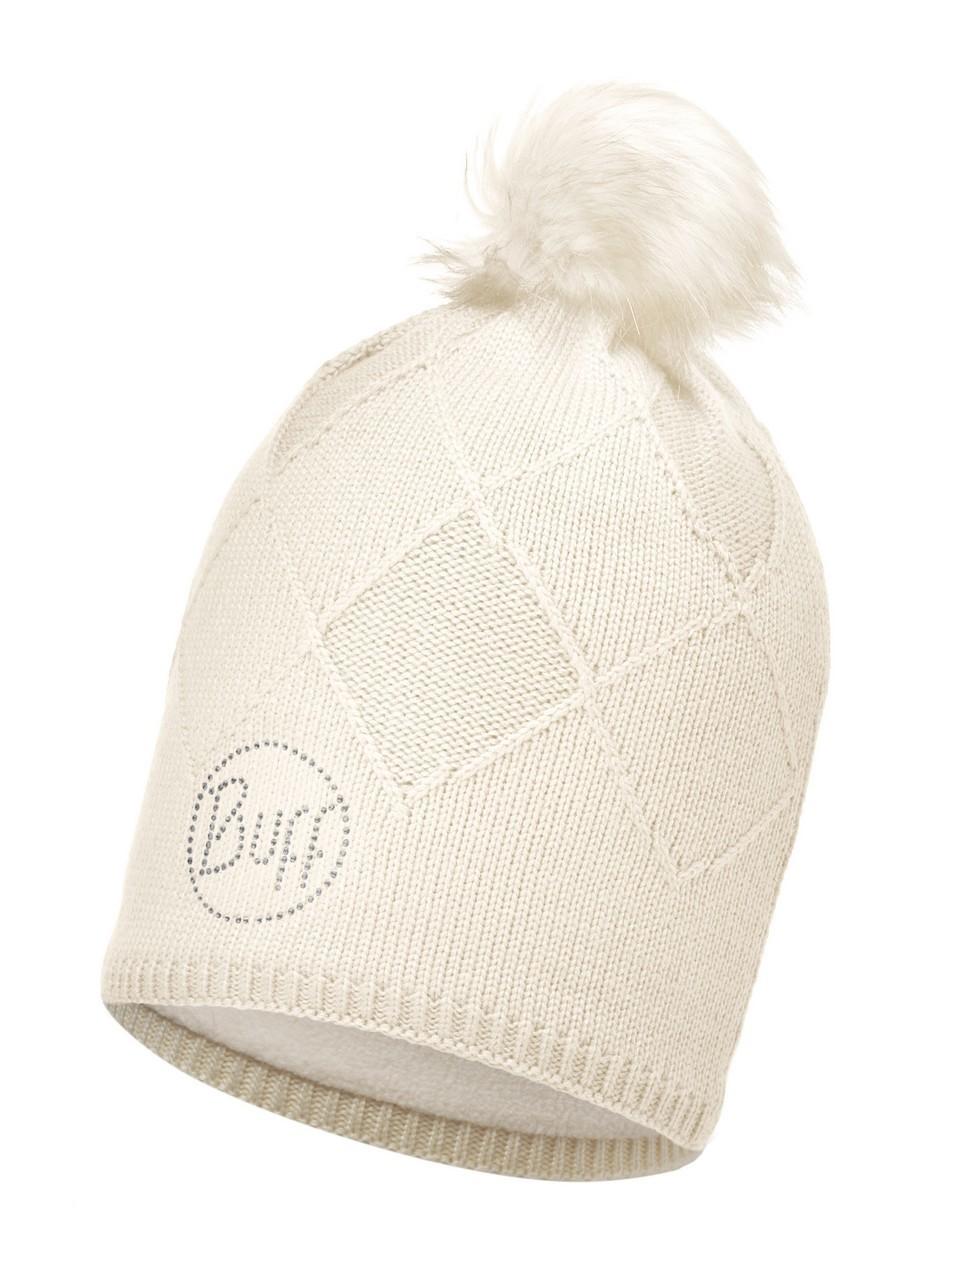 Женские шапки Вязаная шапка с флисовой подкладкой Buff Stella Cru Chic 113523.014.10.00.jpg